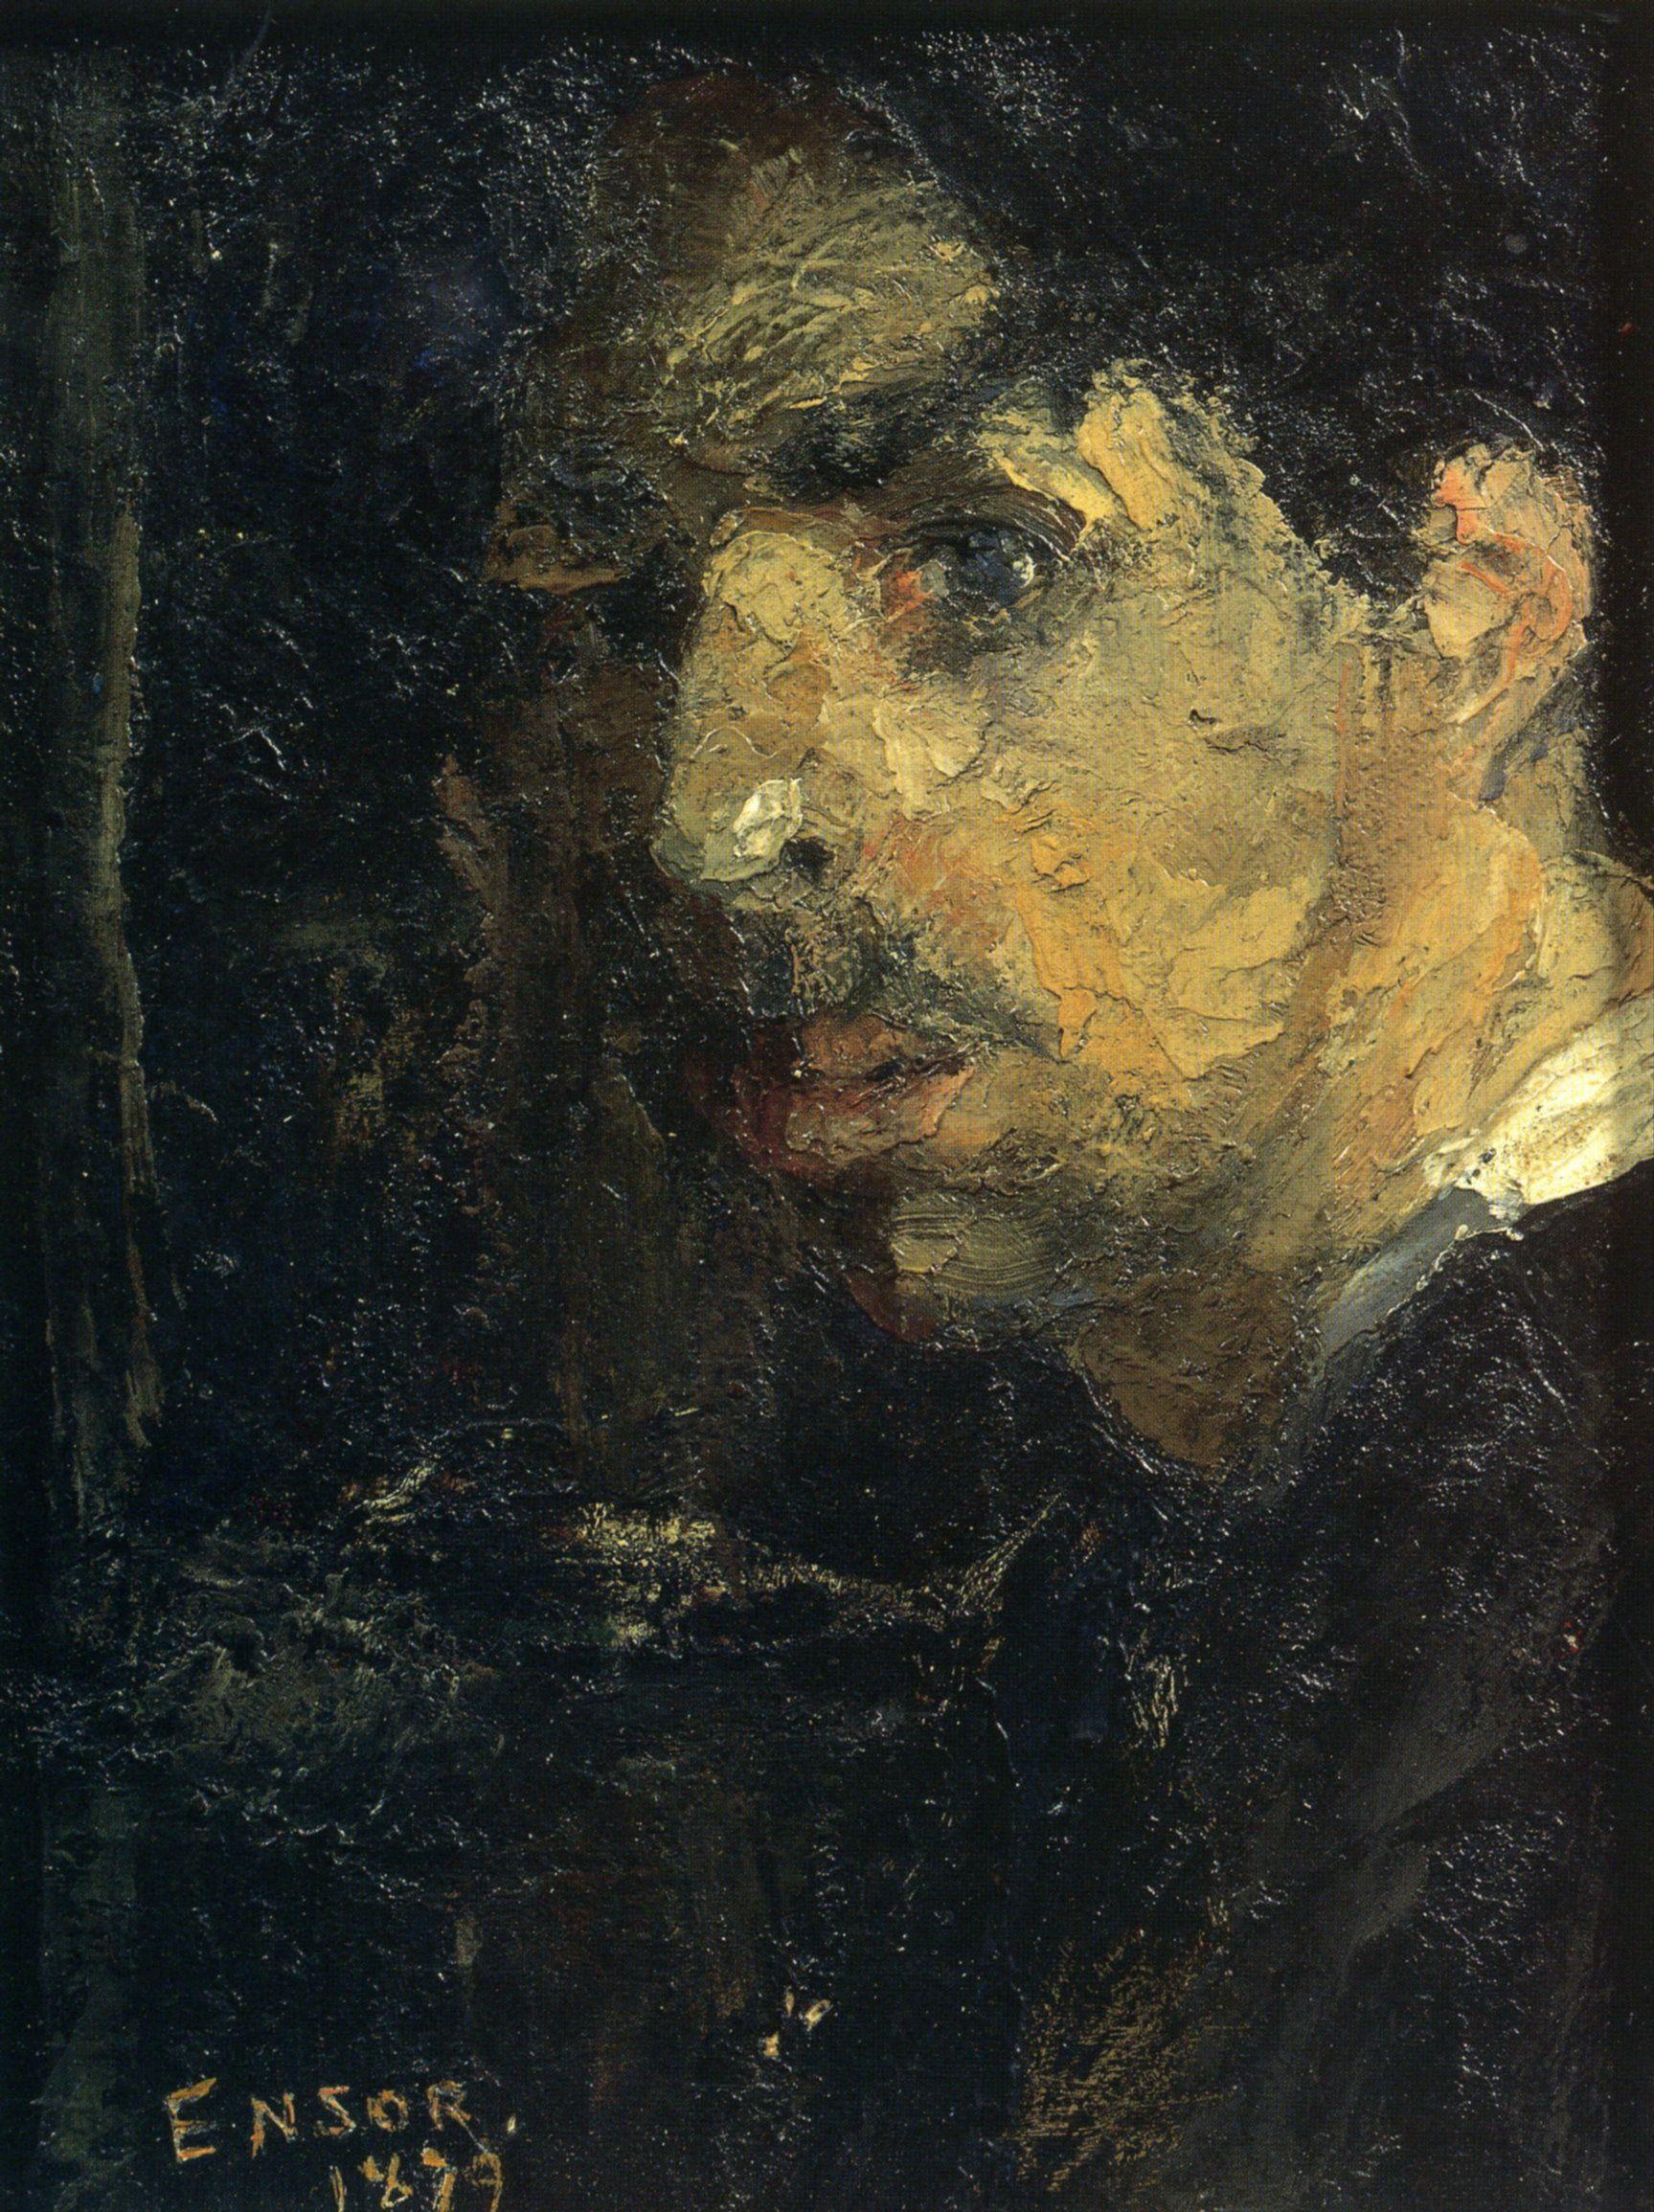 1879 James Ensor Portrait De L Artiste Dit Grosse Tête Portrait Of The Artist Says Large Head